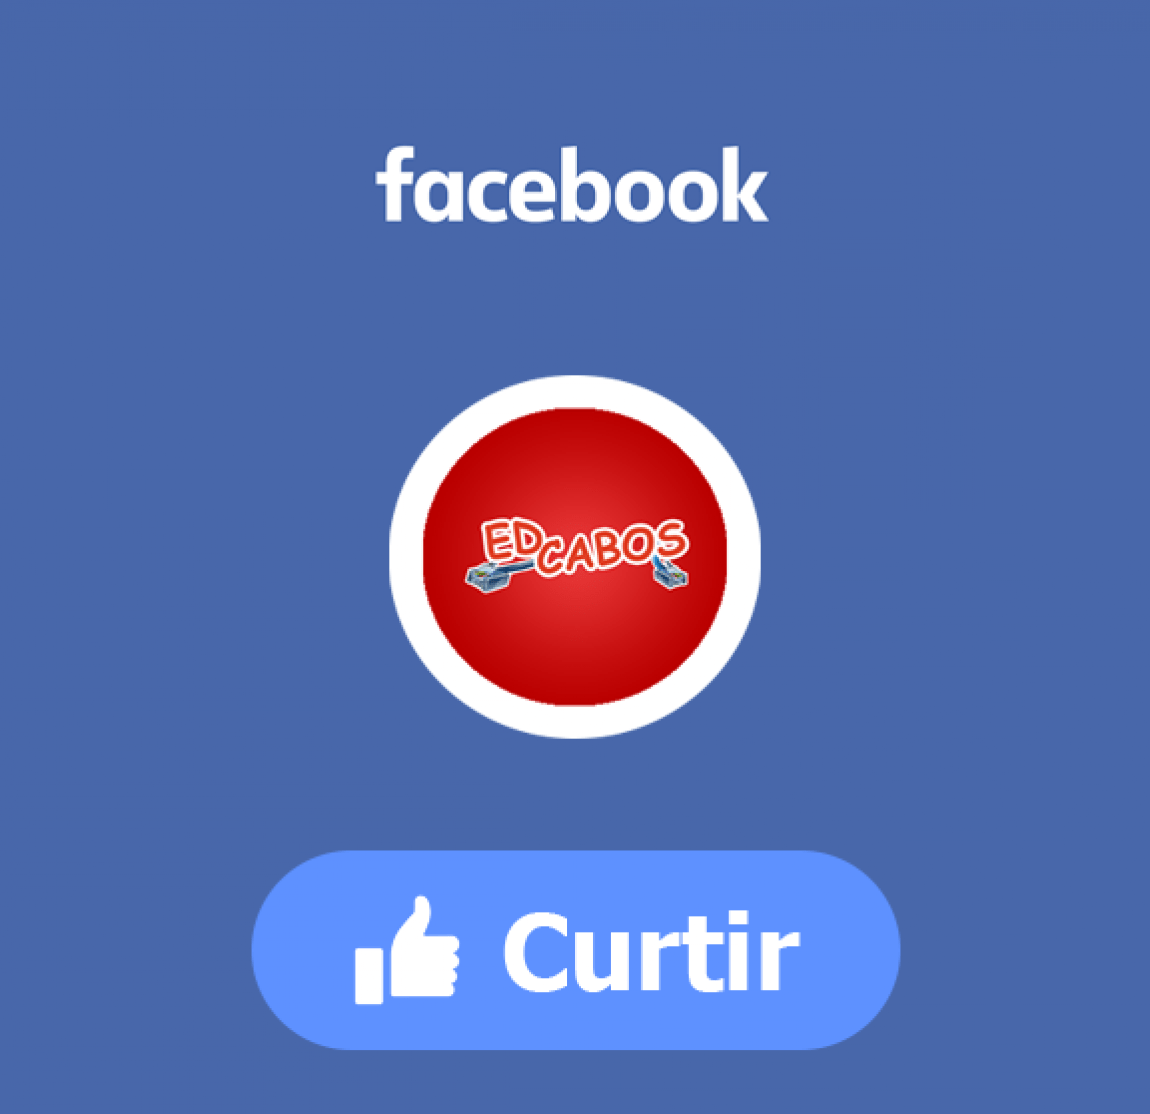 Facebook ED Cabos